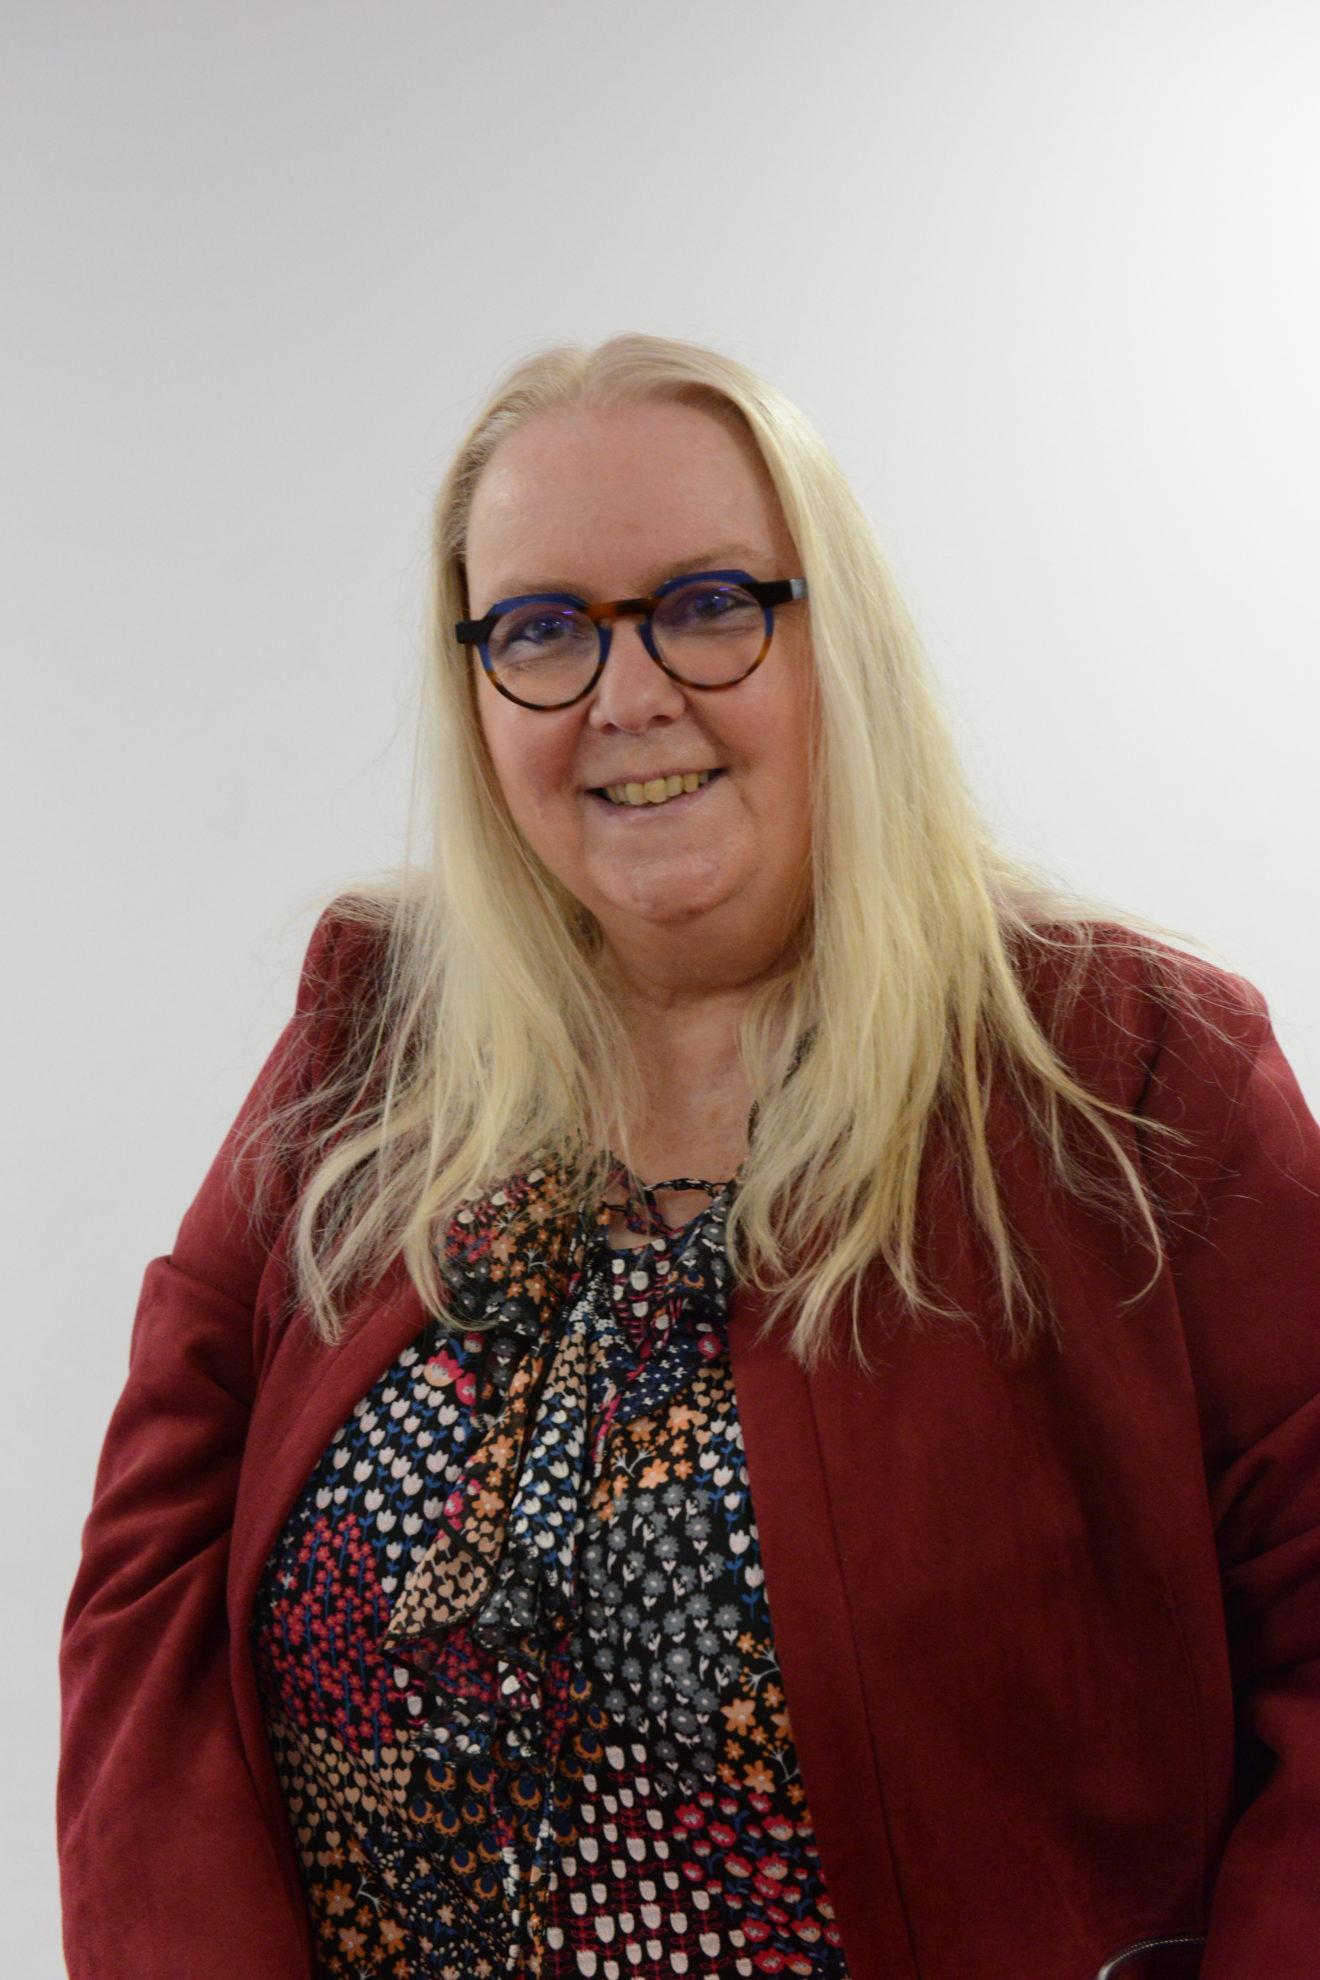 Véronique Leduc, nouvelle présidente du CRIJ Bretagne (Info Jeunes)